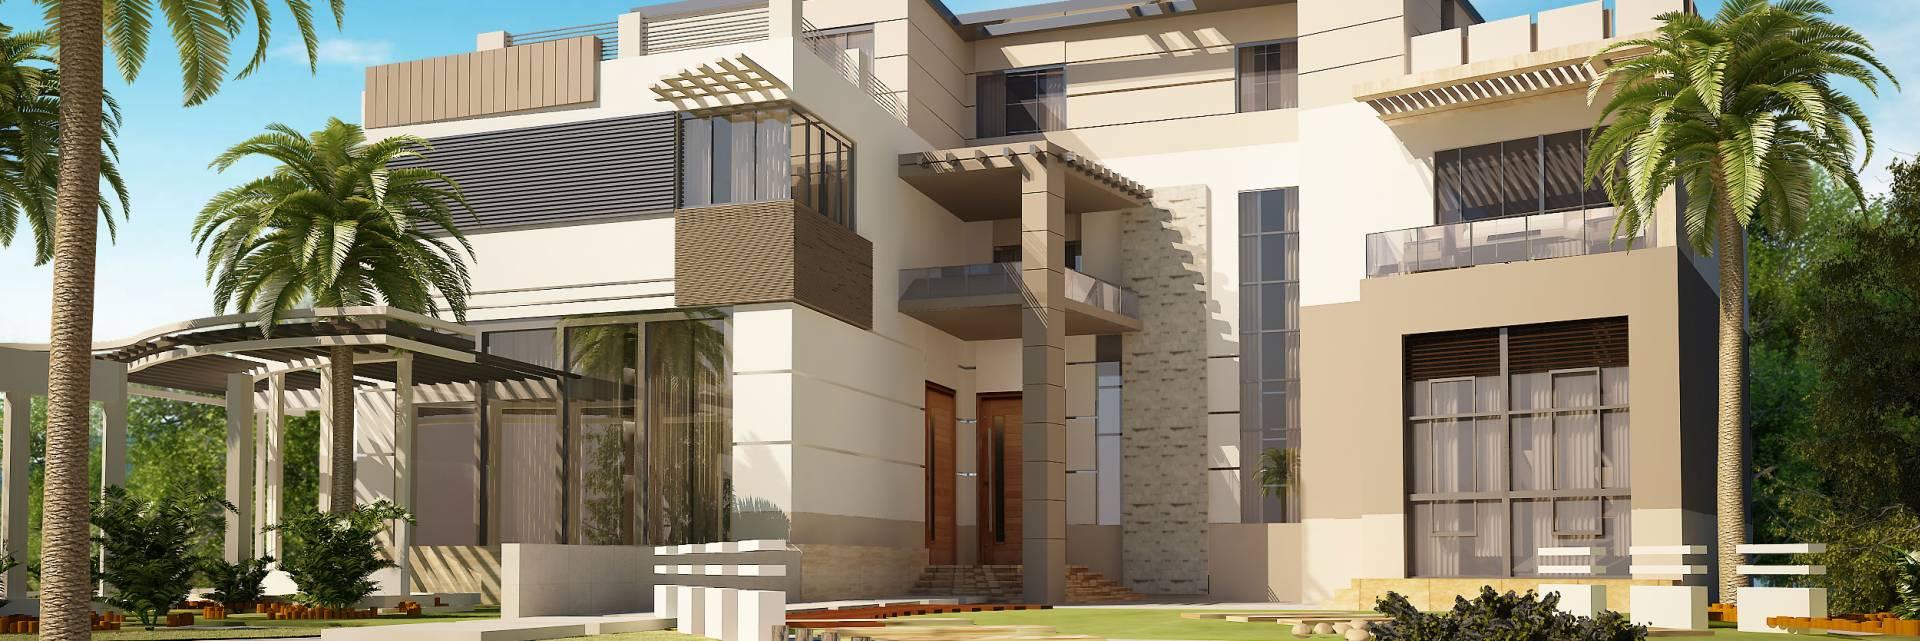 Al-Hooqani-Architechtural-Design-1